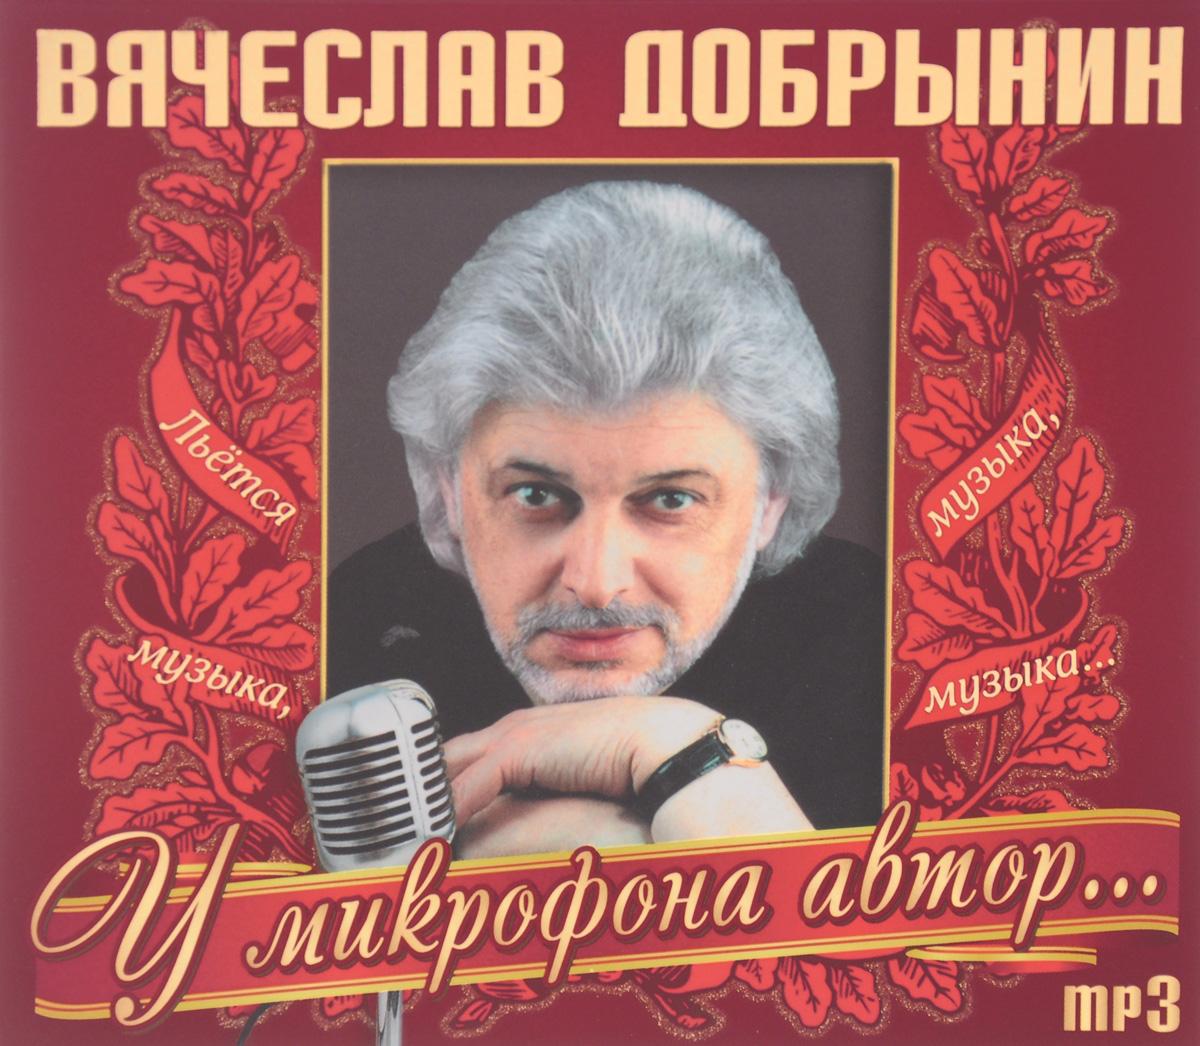 Вячеслав Добрынин Вячеслав Добрынин. Льется музыка, музыка, музыка... (mp3)